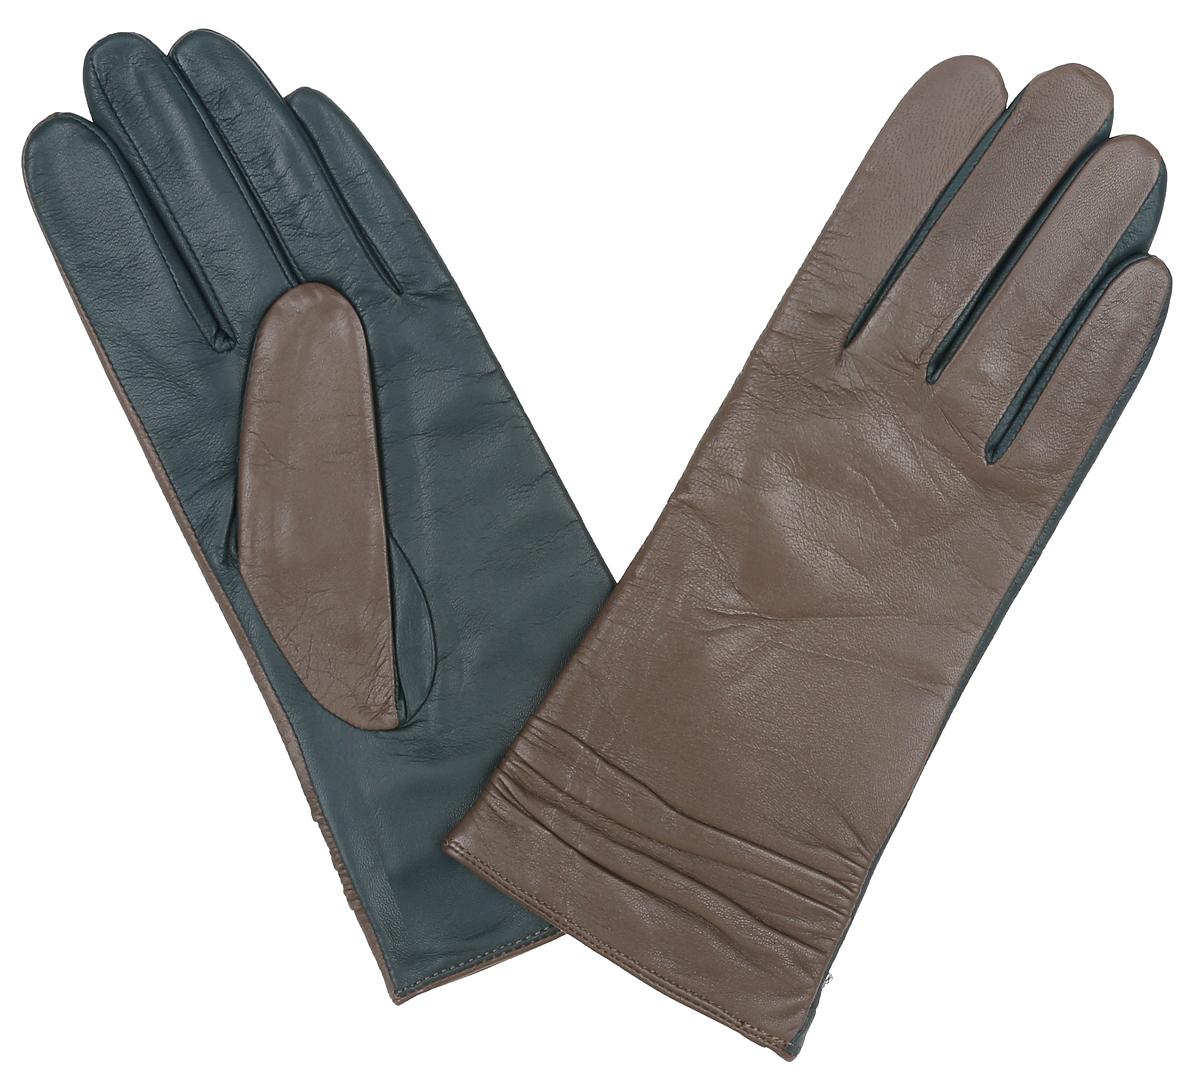 LB-8338Классические женские перчатки Labbra не только защитят ваши руки, но и станут великолепным украшением. Перчатки выполнены из чрезвычайно мягкой и приятной на ощупь натуральной кожи ягненка, а их подкладка - из натуральной шерсти с добавлением акрила. Отделка - комбинирование контрастных цветов кожи. Модель декорирована сборкой по всей длине манжеты. В настоящее время перчатки являются неотъемлемой принадлежностью одежды, вместе с этим аксессуаром вы обретаете женственность и элегантность. Перчатки станут завершающим и подчеркивающим элементом вашего стиля и неповторимости.